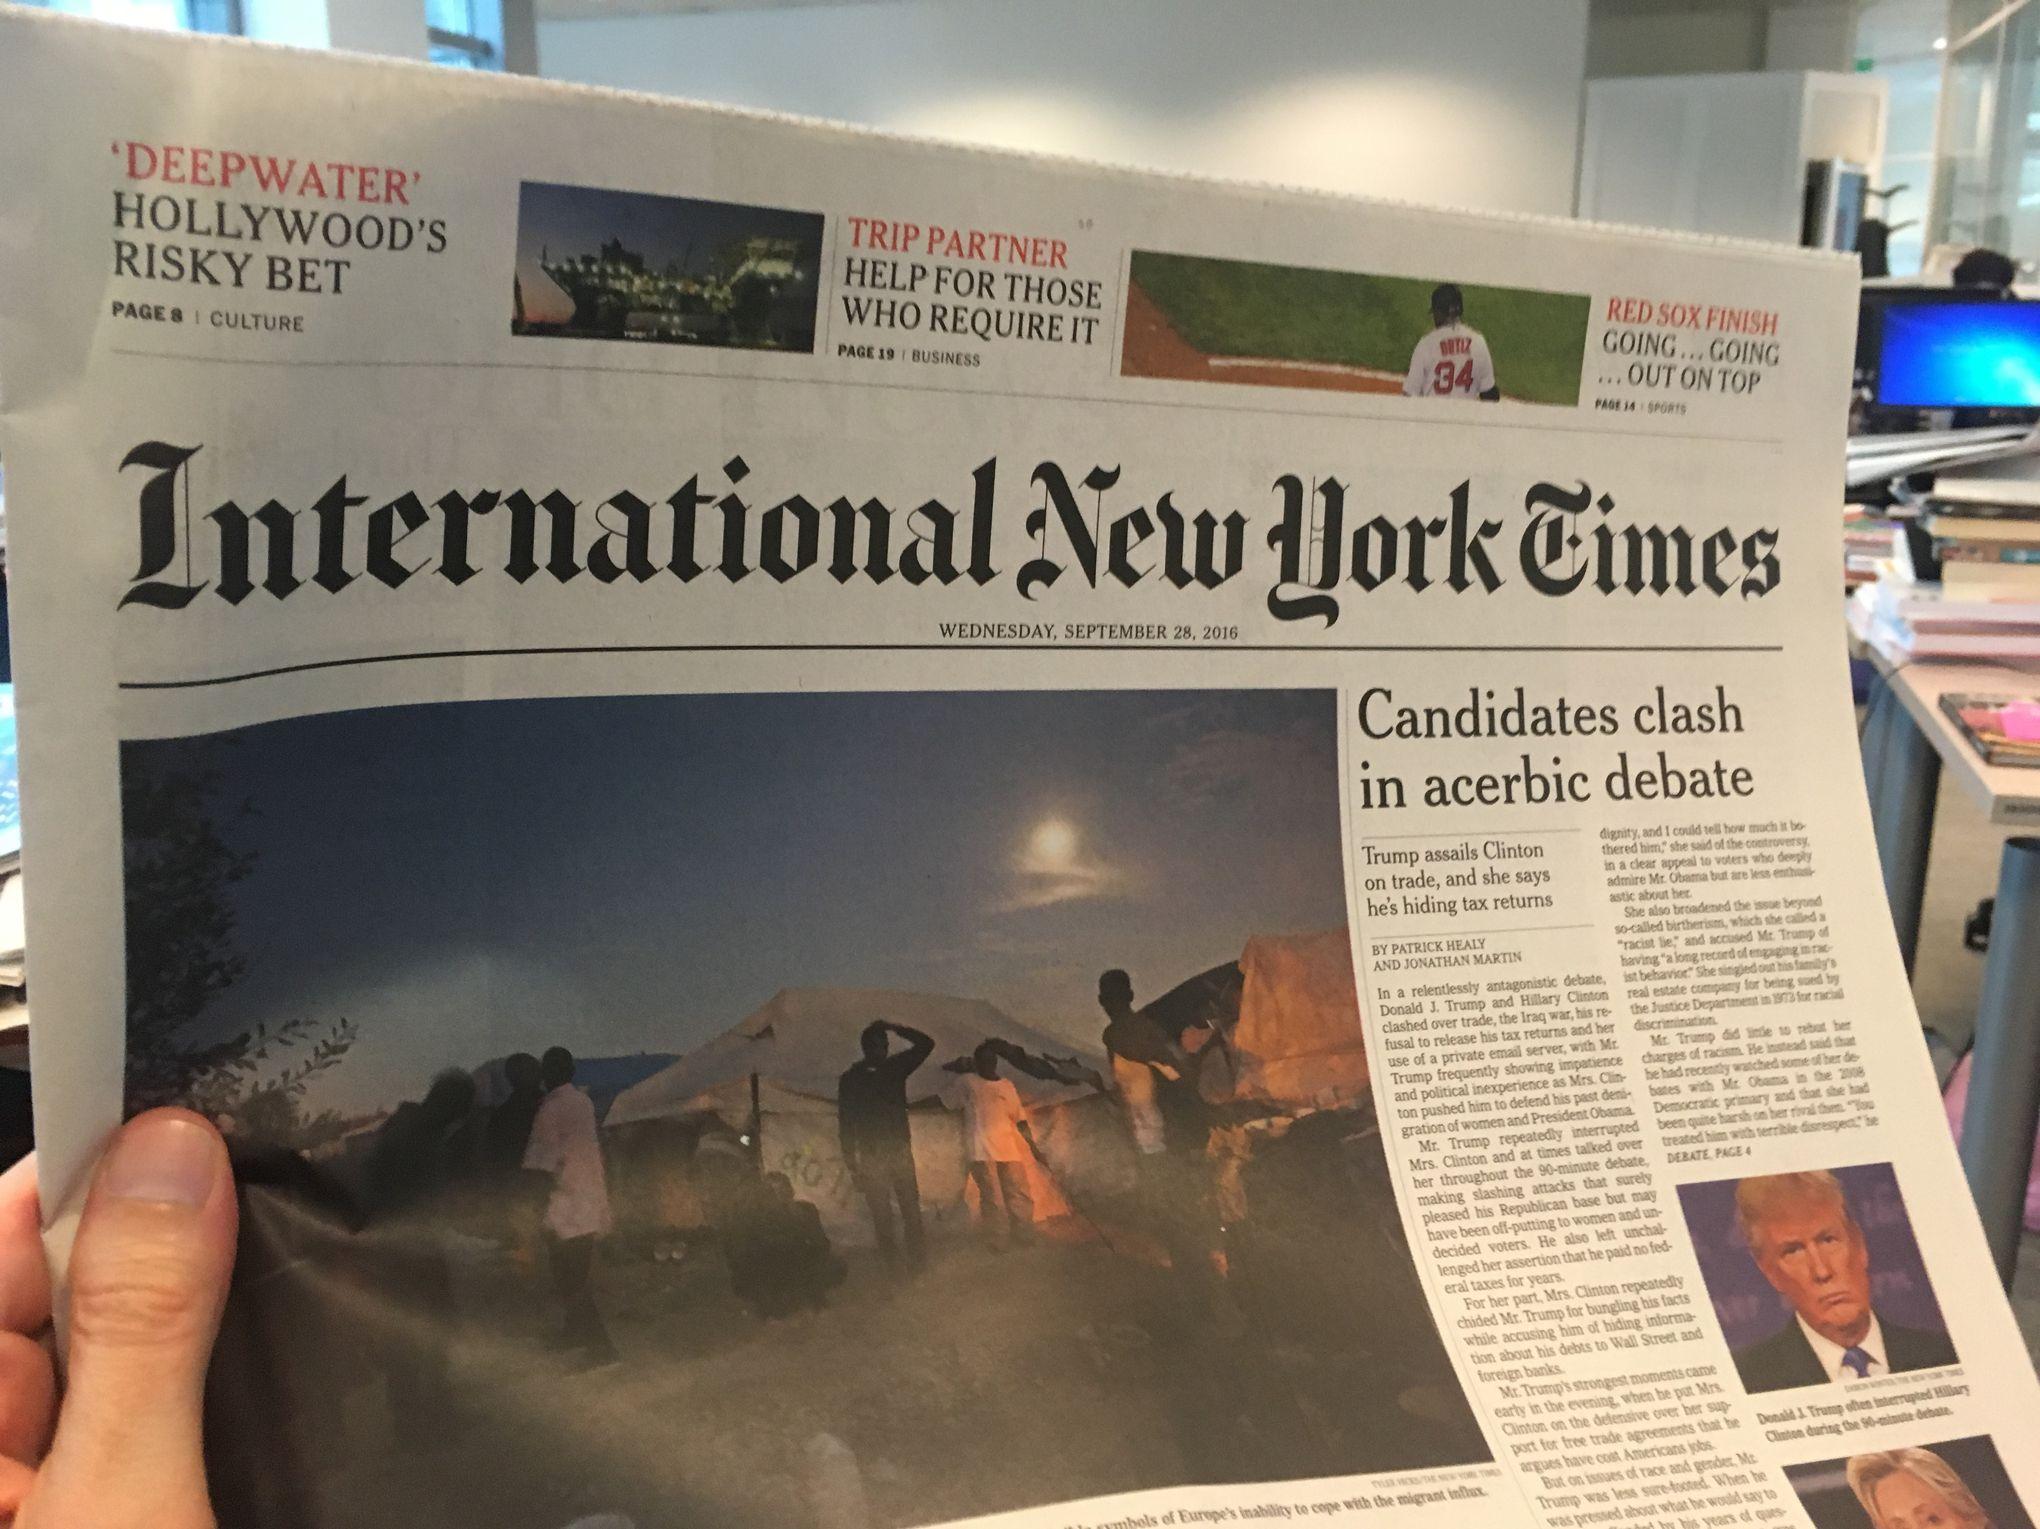 Linternational new york times quitte paris